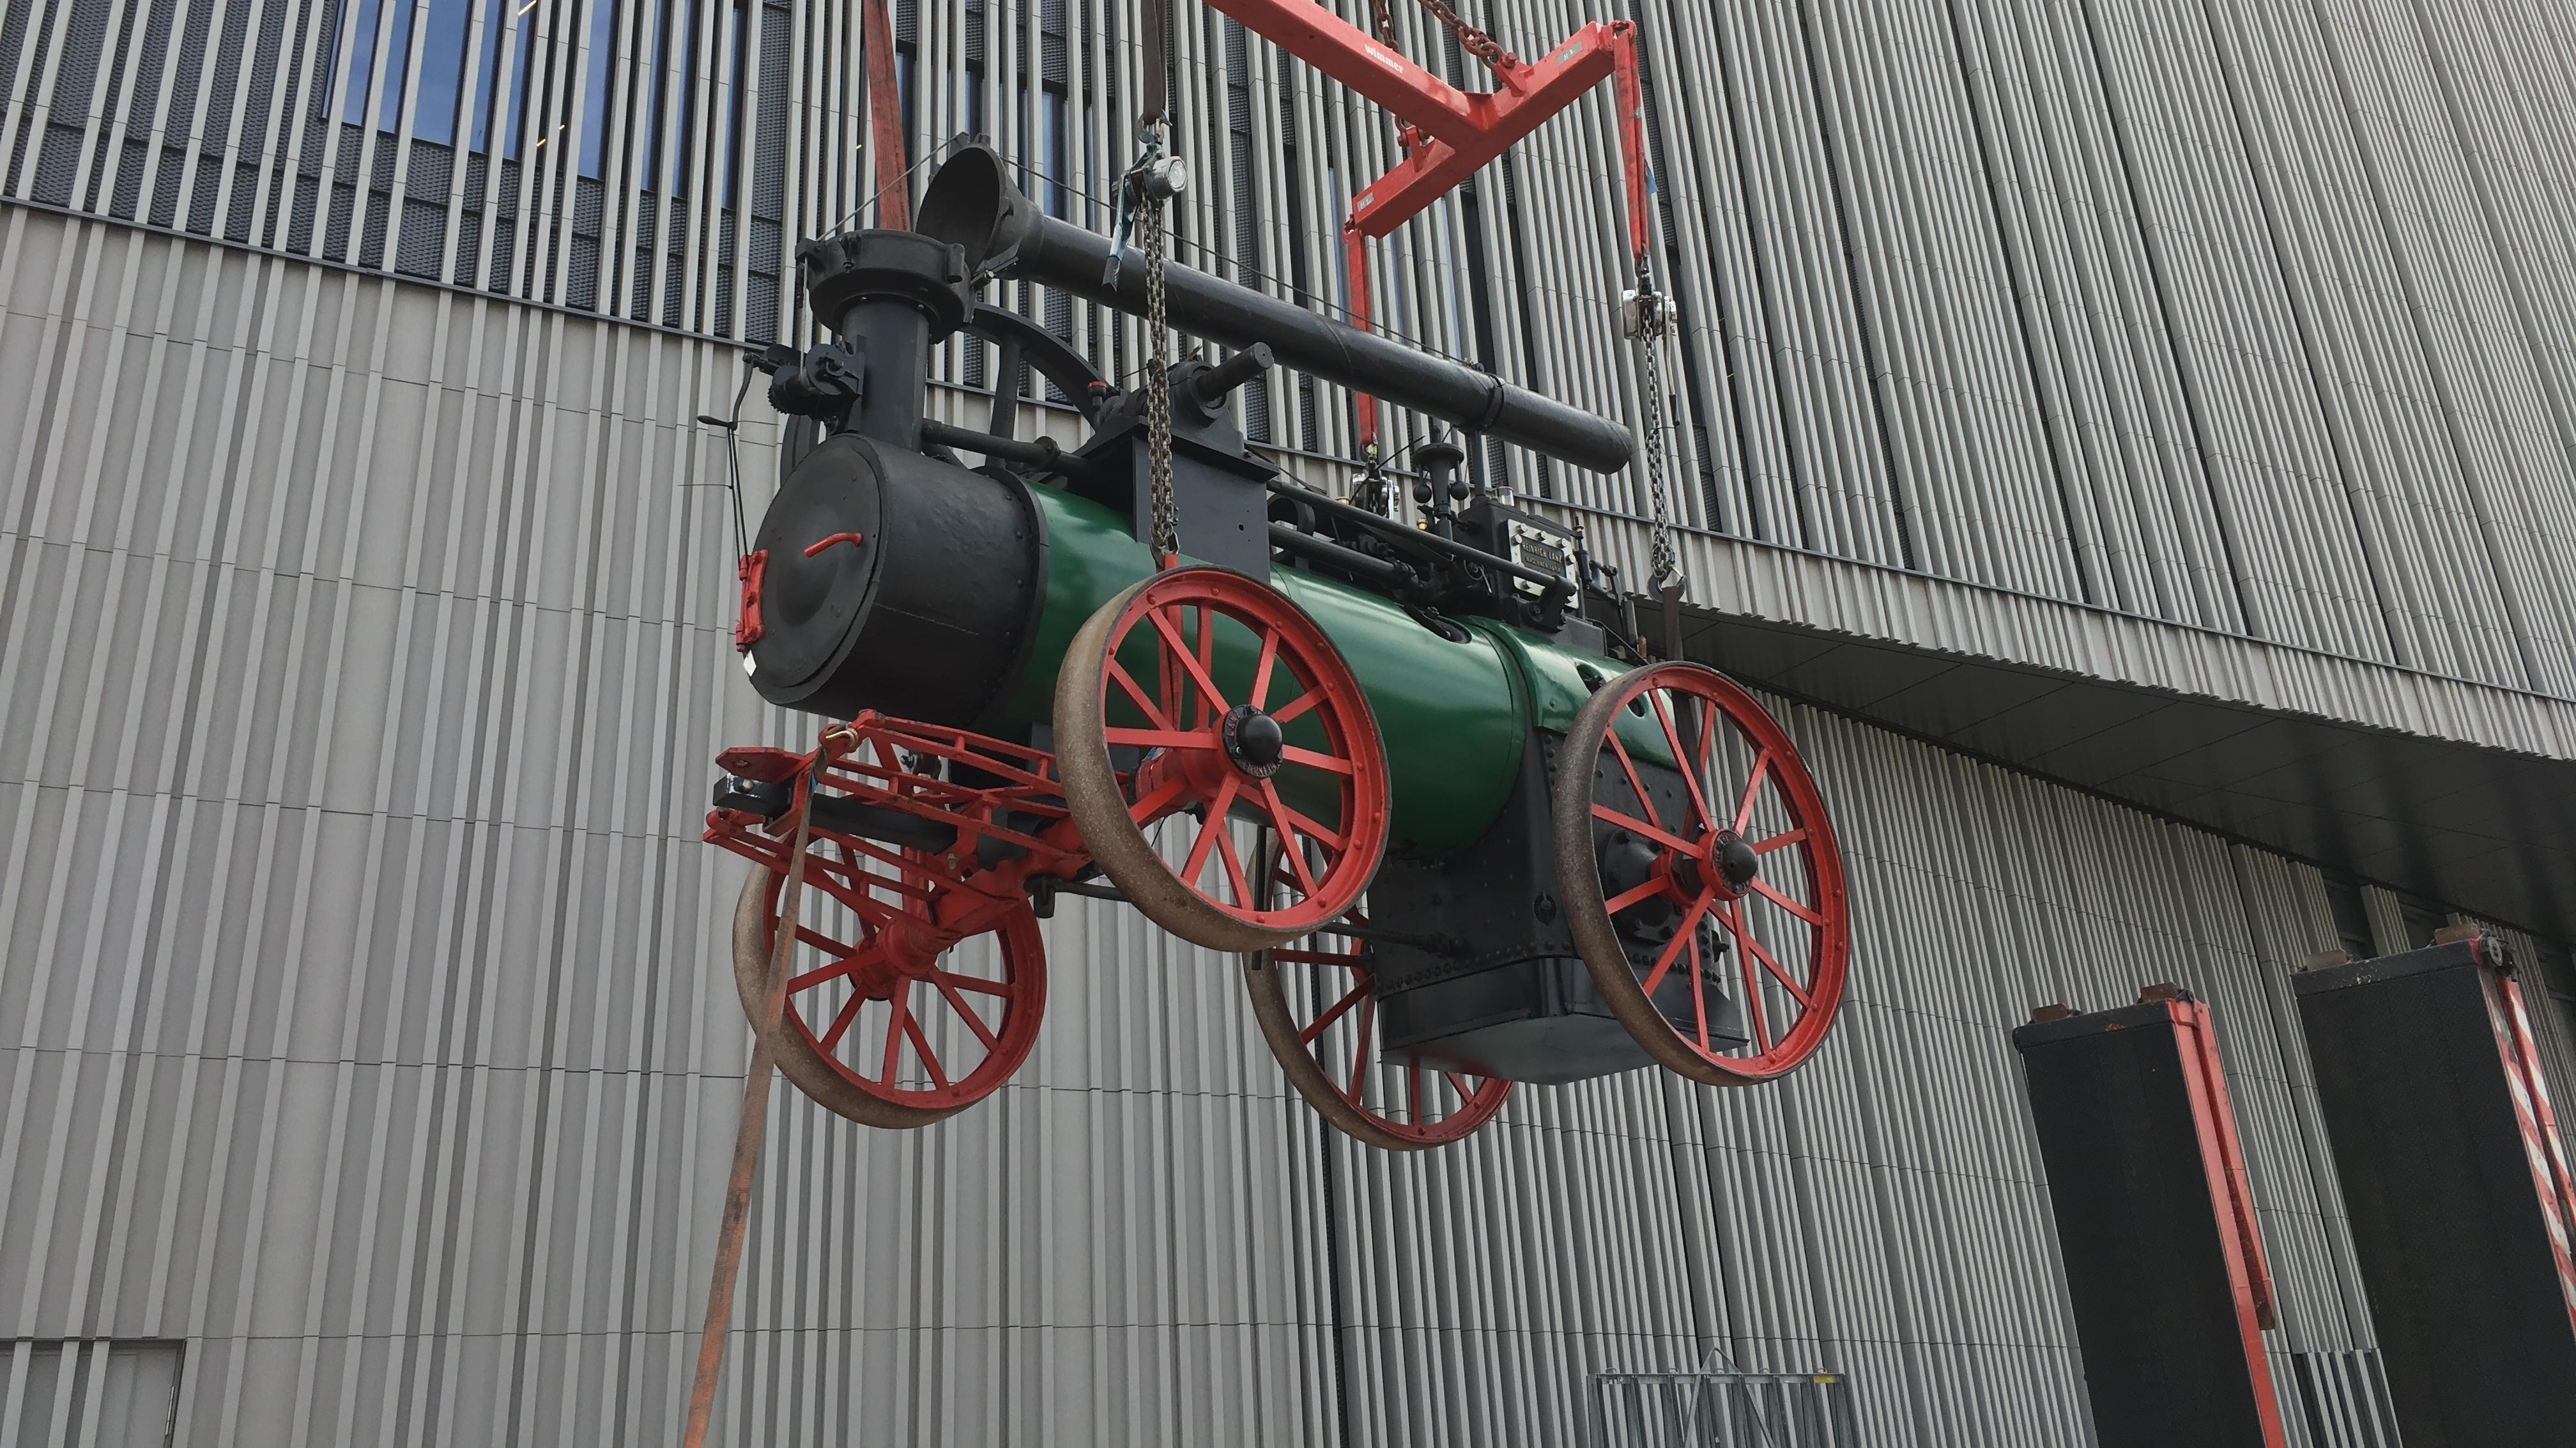 Das erste und schwerste Exponat für das Bayern-Museum wird angeliefert: eine mehr als 100 Jahre alte, landwirtschaftliche Dampfmaschine.